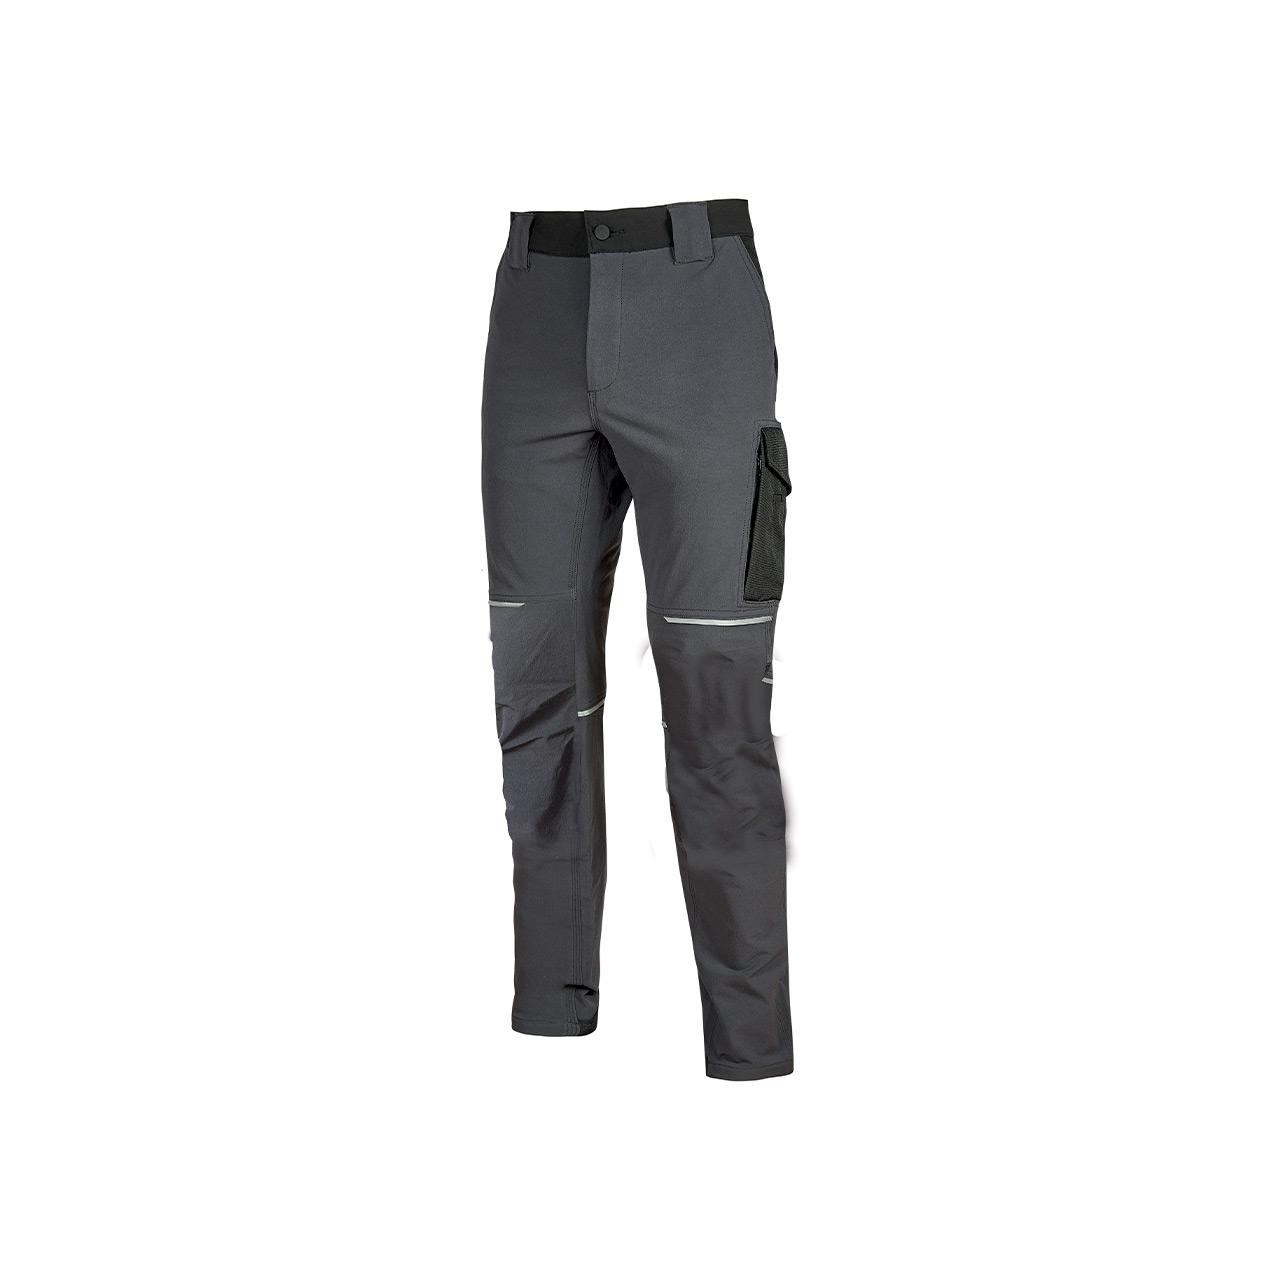 pantalone da lavoro upower modello world colore asphalt grey prodotto